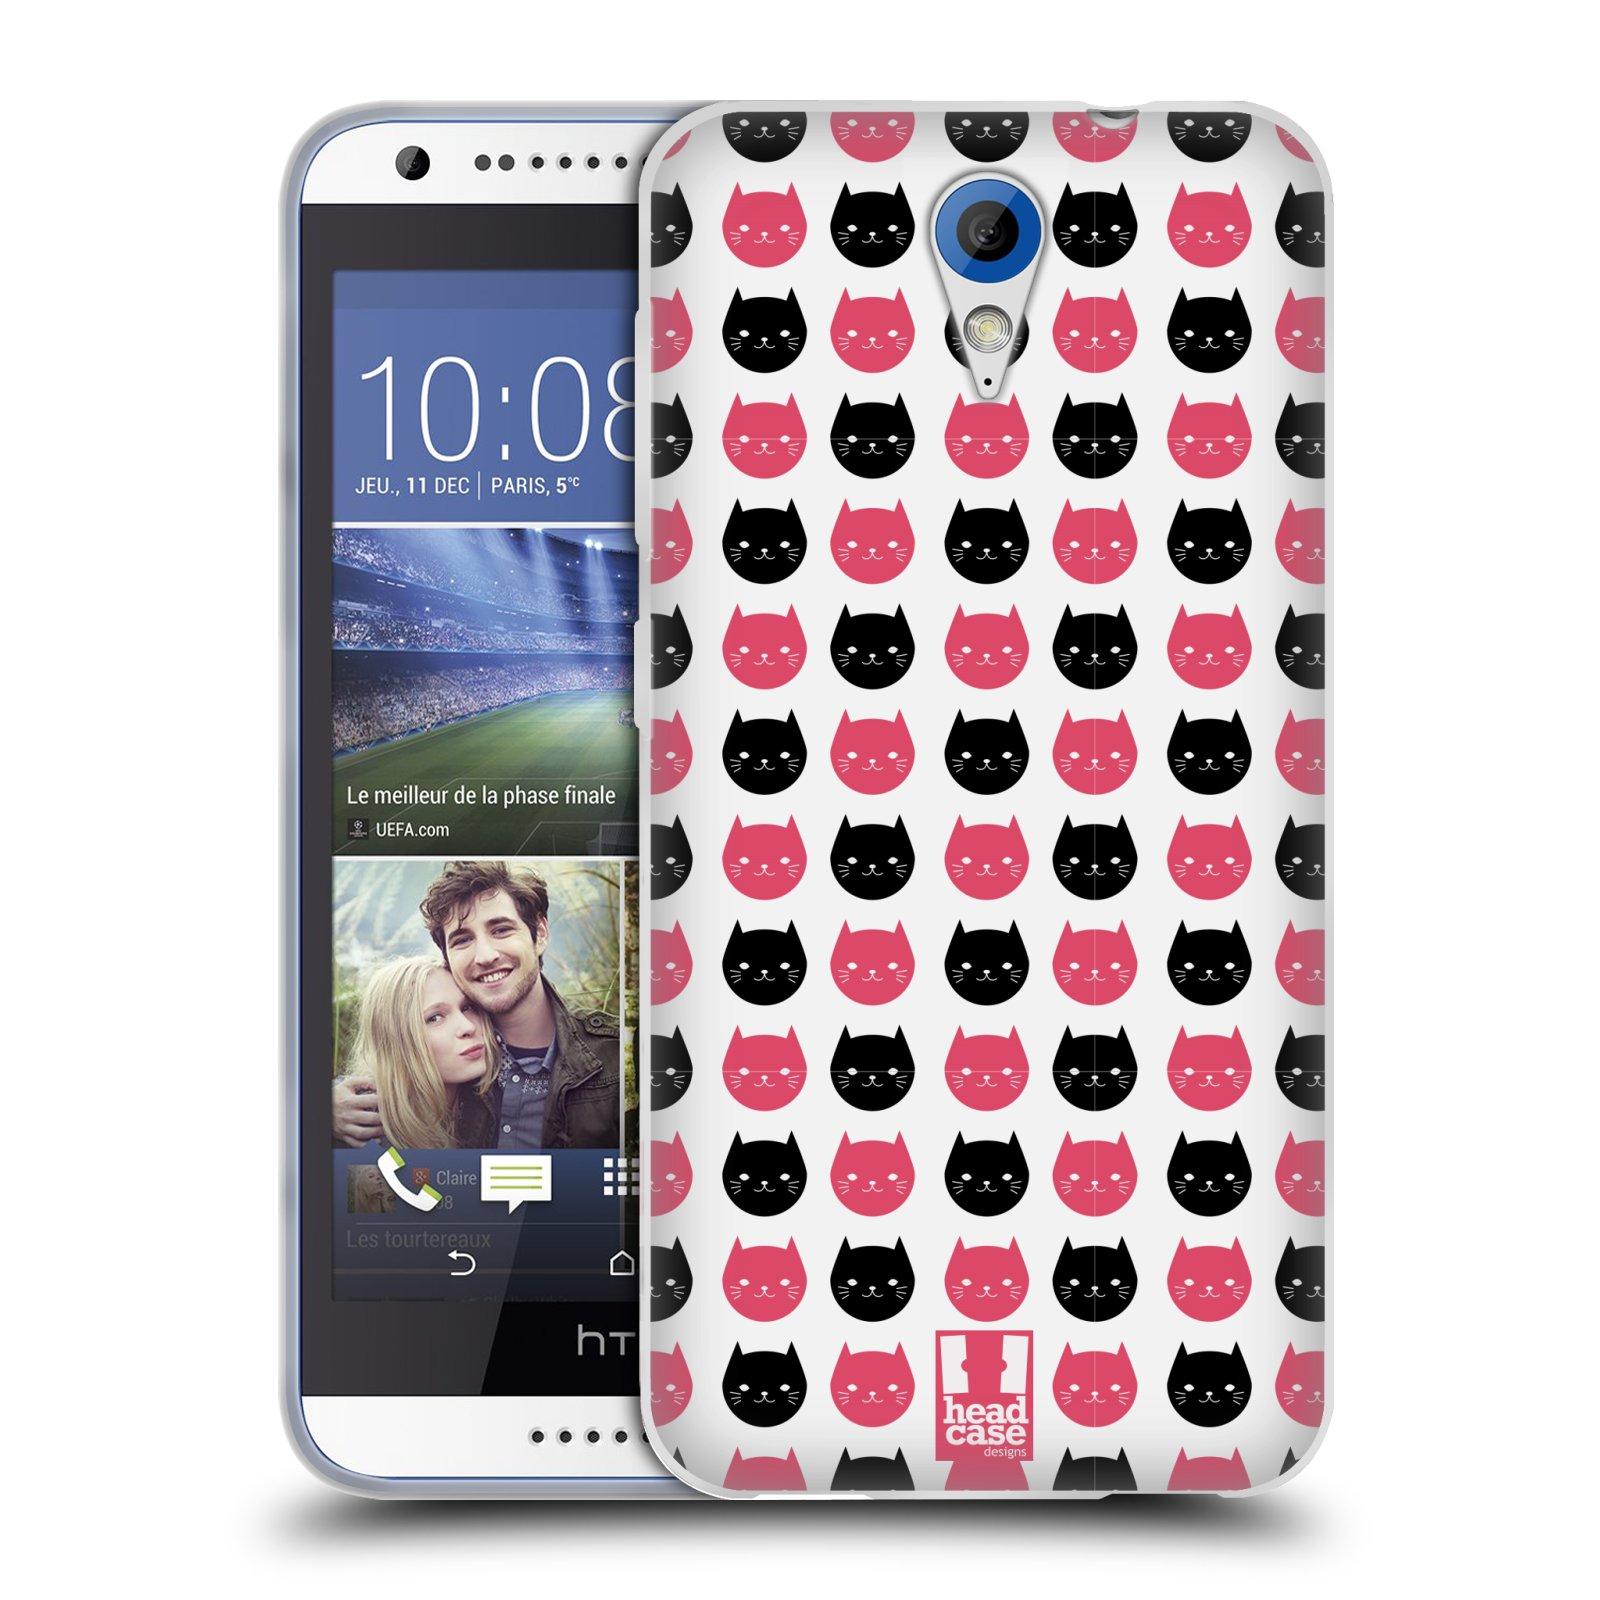 Silikonové pouzdro na mobil HTC Desire 620 HEAD CASE KOČKY Black and Pink (Silikonový kryt či obal na mobilní telefon HTC Desire 620)